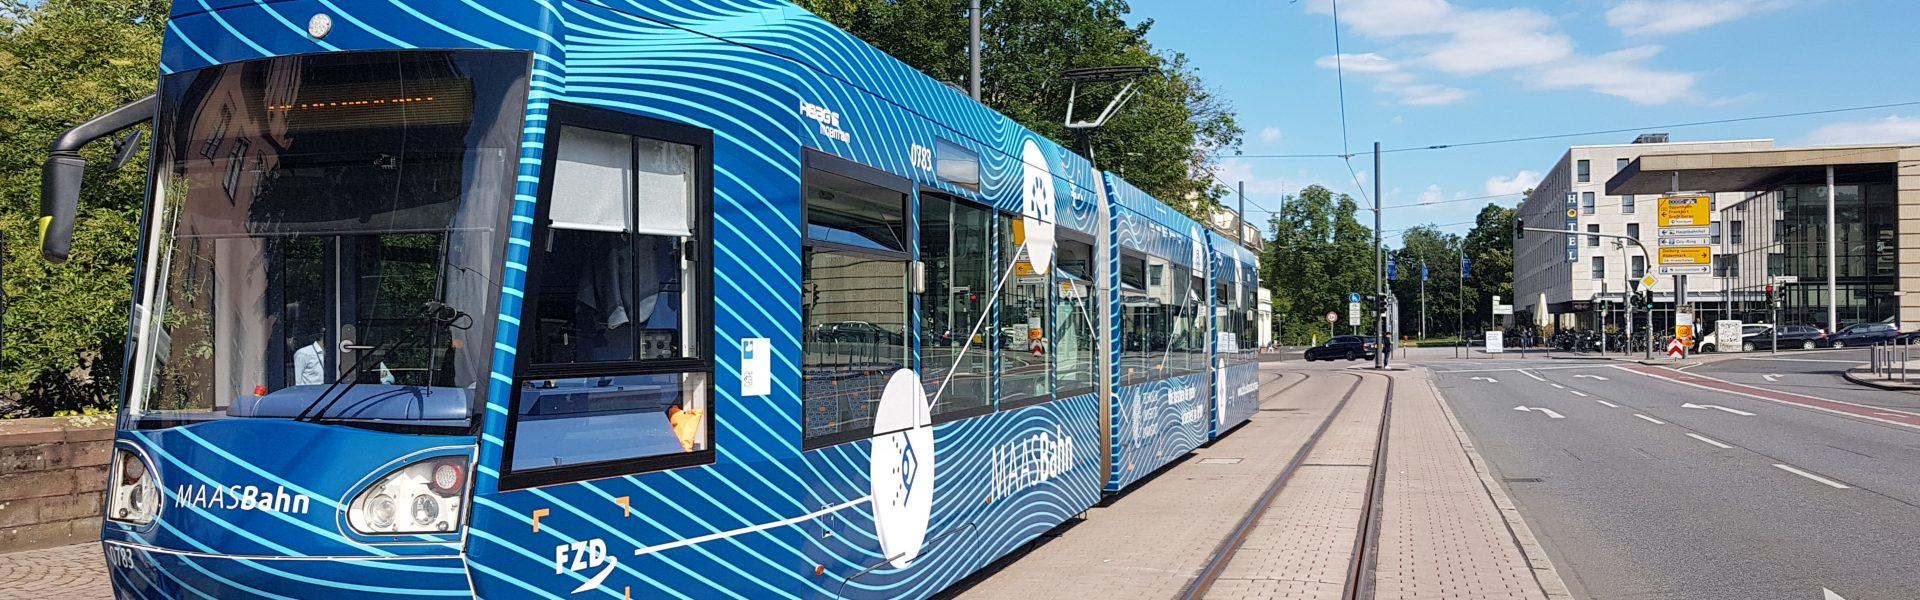 Header Bild Kooperationsprojekt stellt Forschungs-Straßenbahn zum automatisierten Fahren vor